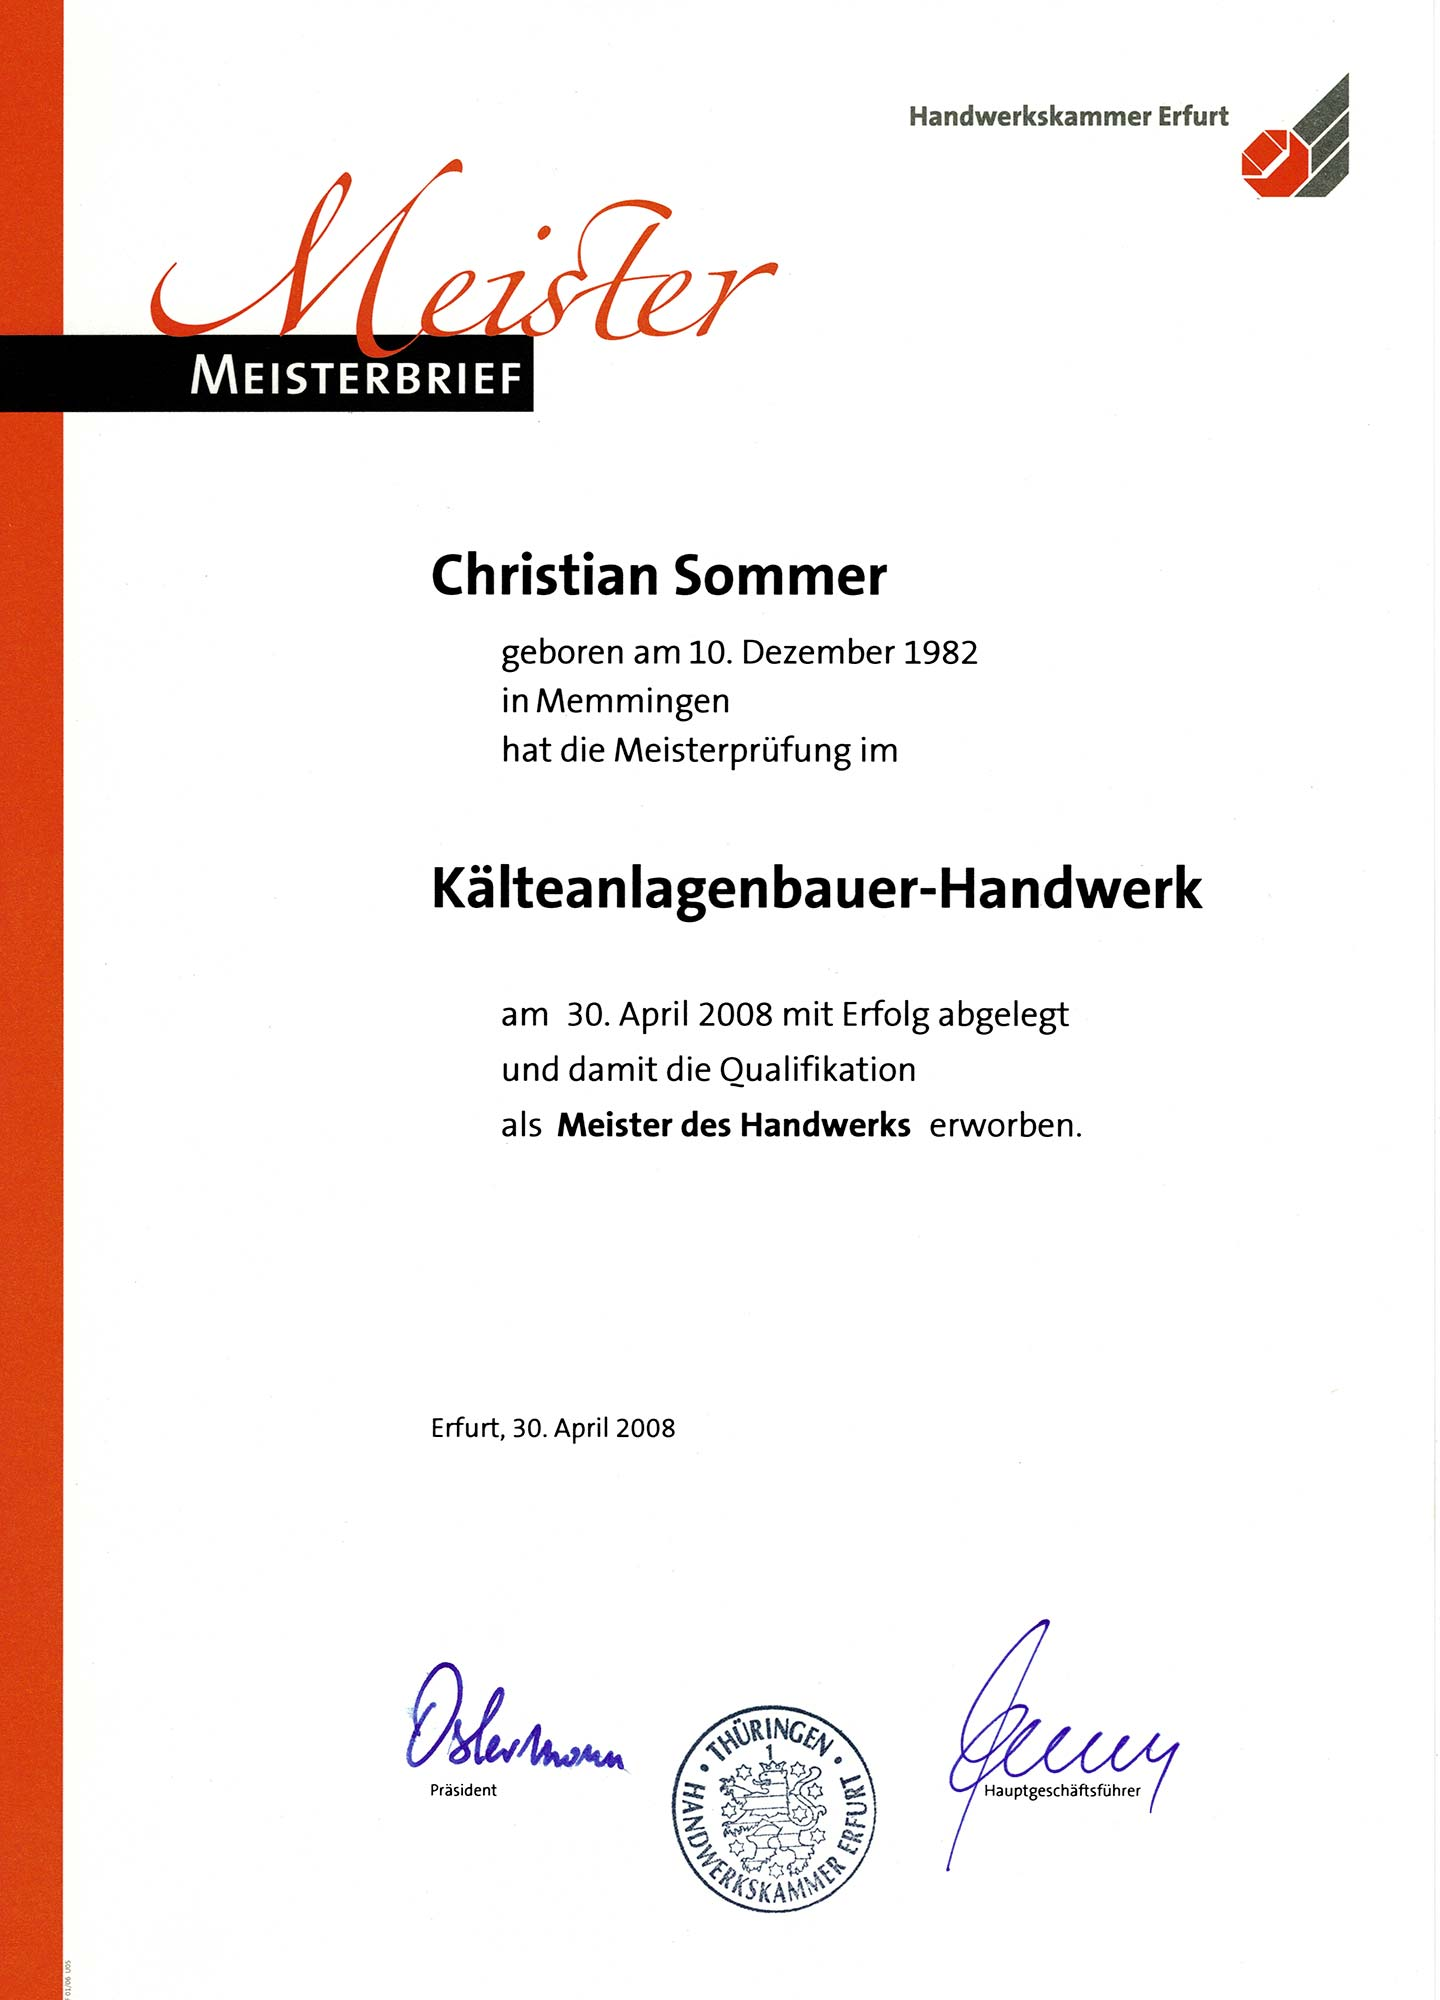 Meisterbrief von Christian Sommer, Geschäftsführer Kälte GmbH Industrielösungen